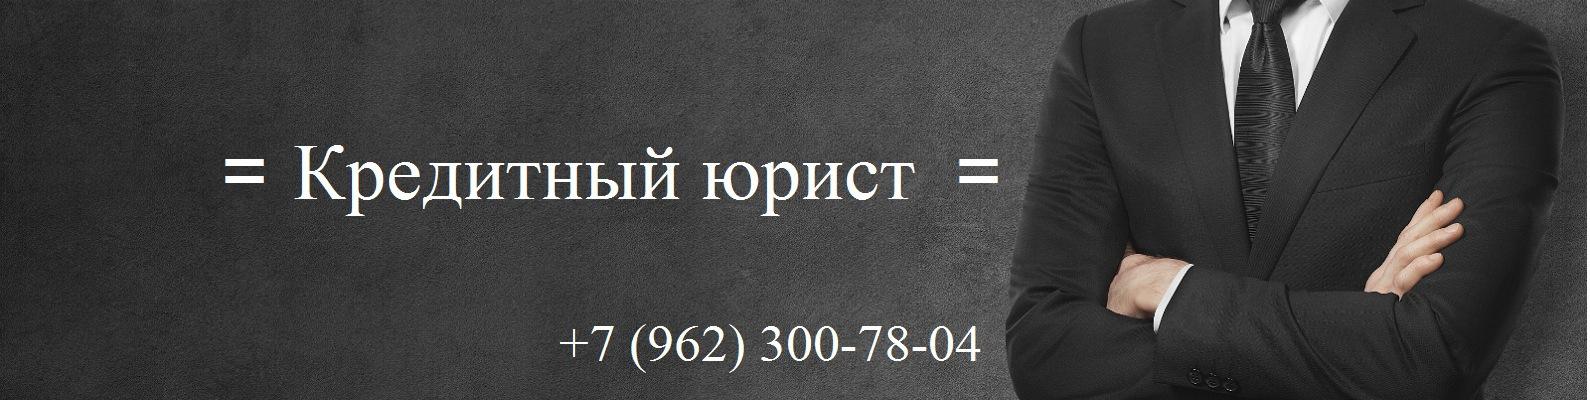 адвокат кредитный услуга